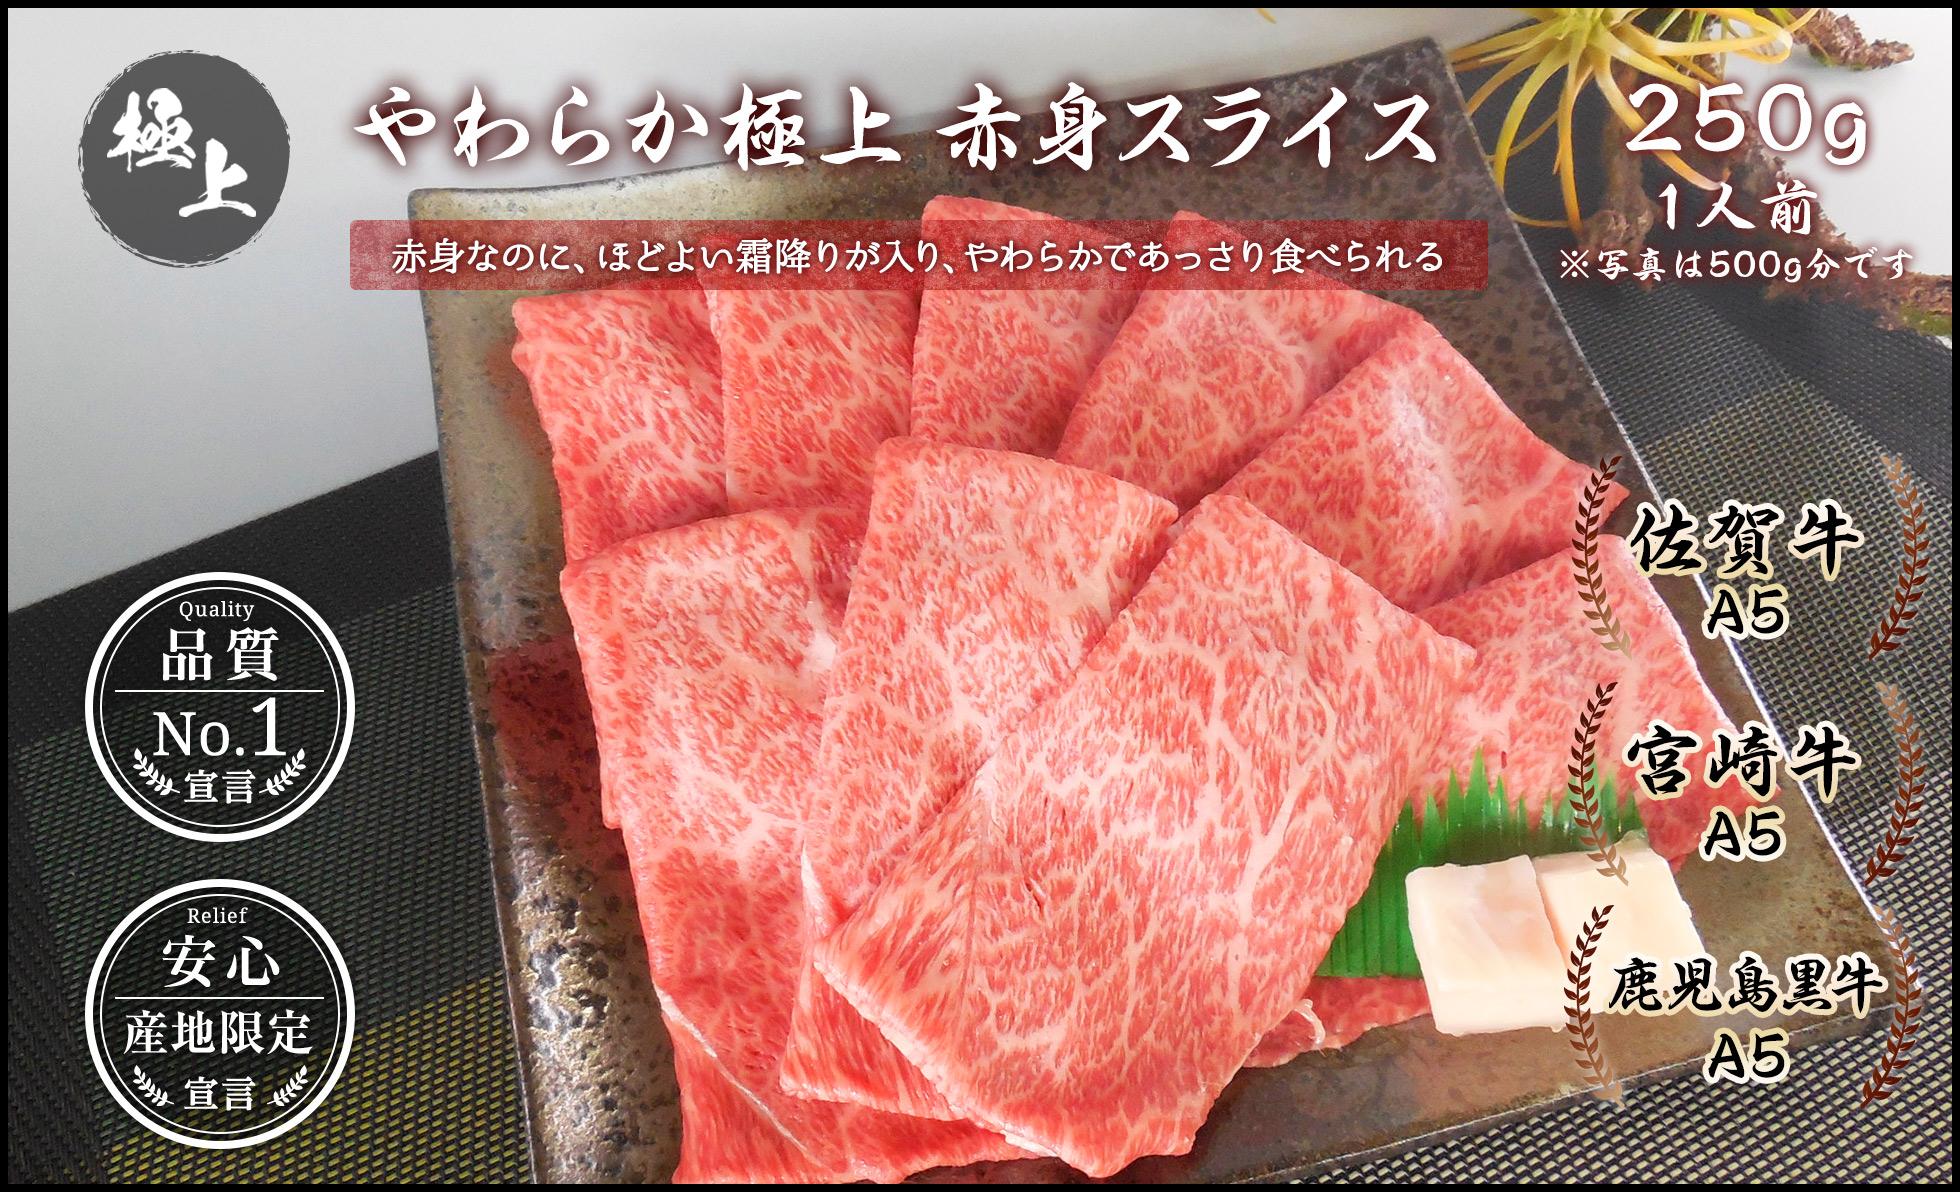 九州産黒毛和牛 すき焼き用 ロース 極上 柔らかい 和牛 赤身 スライス A5 一人前 250g